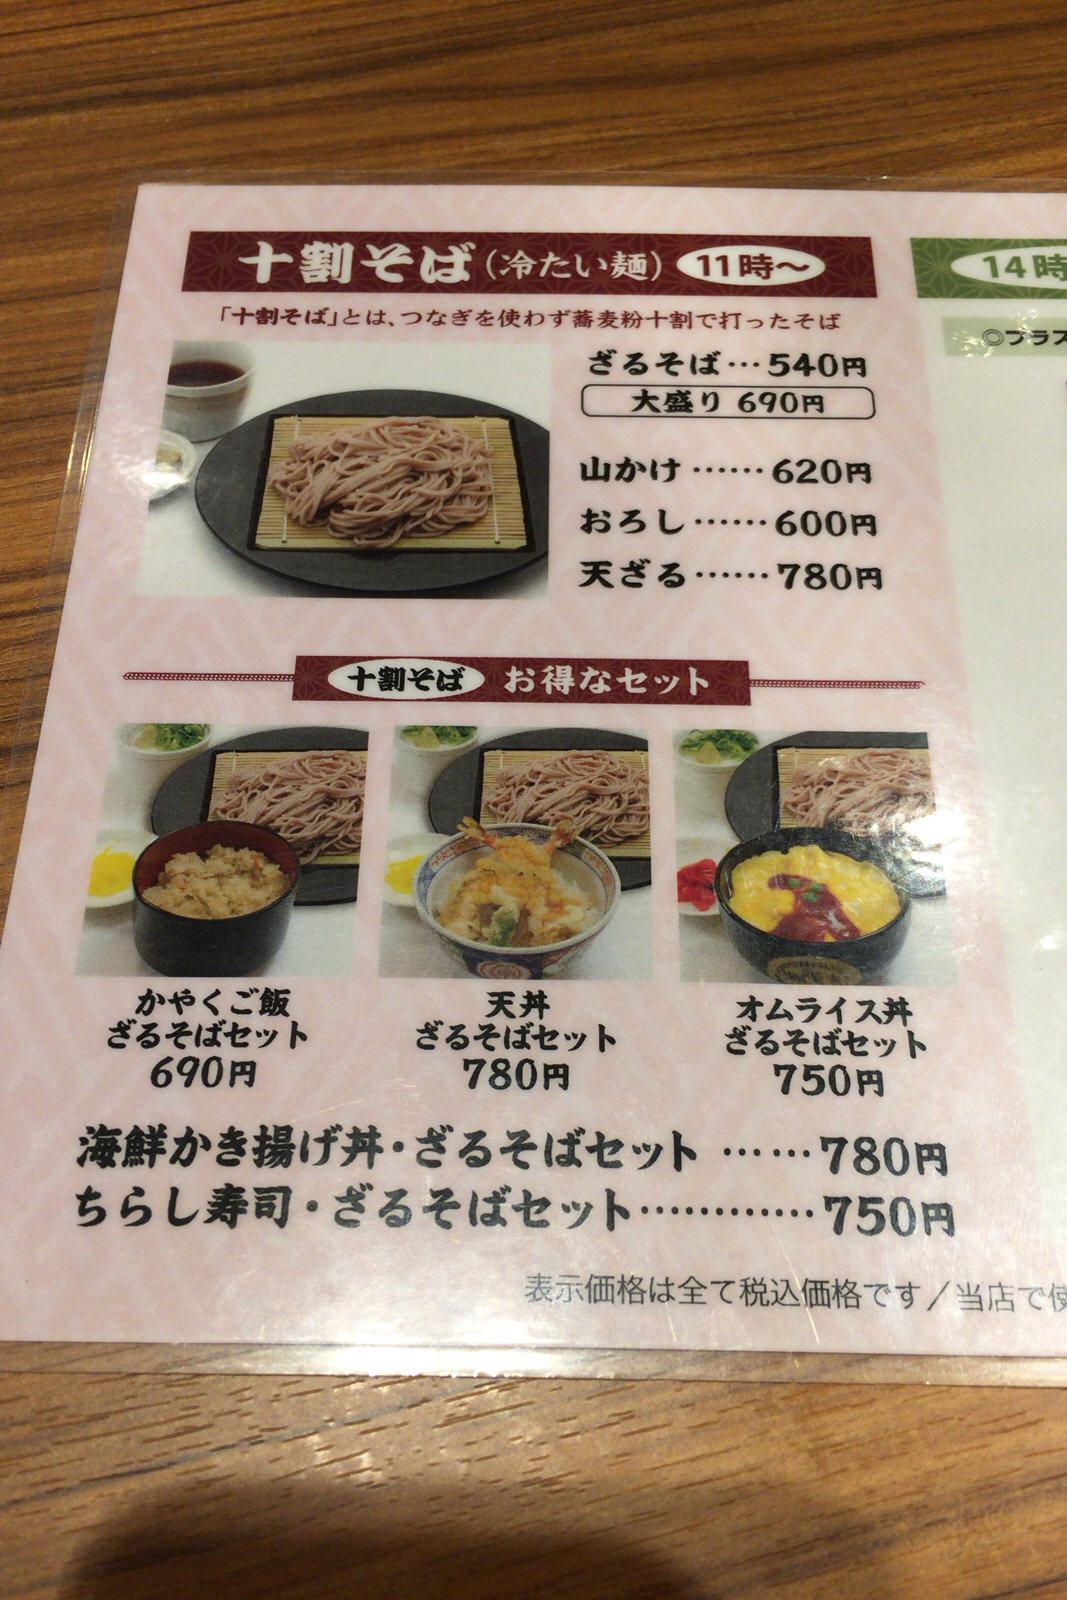 十三駅 阪急そば メニュー その1